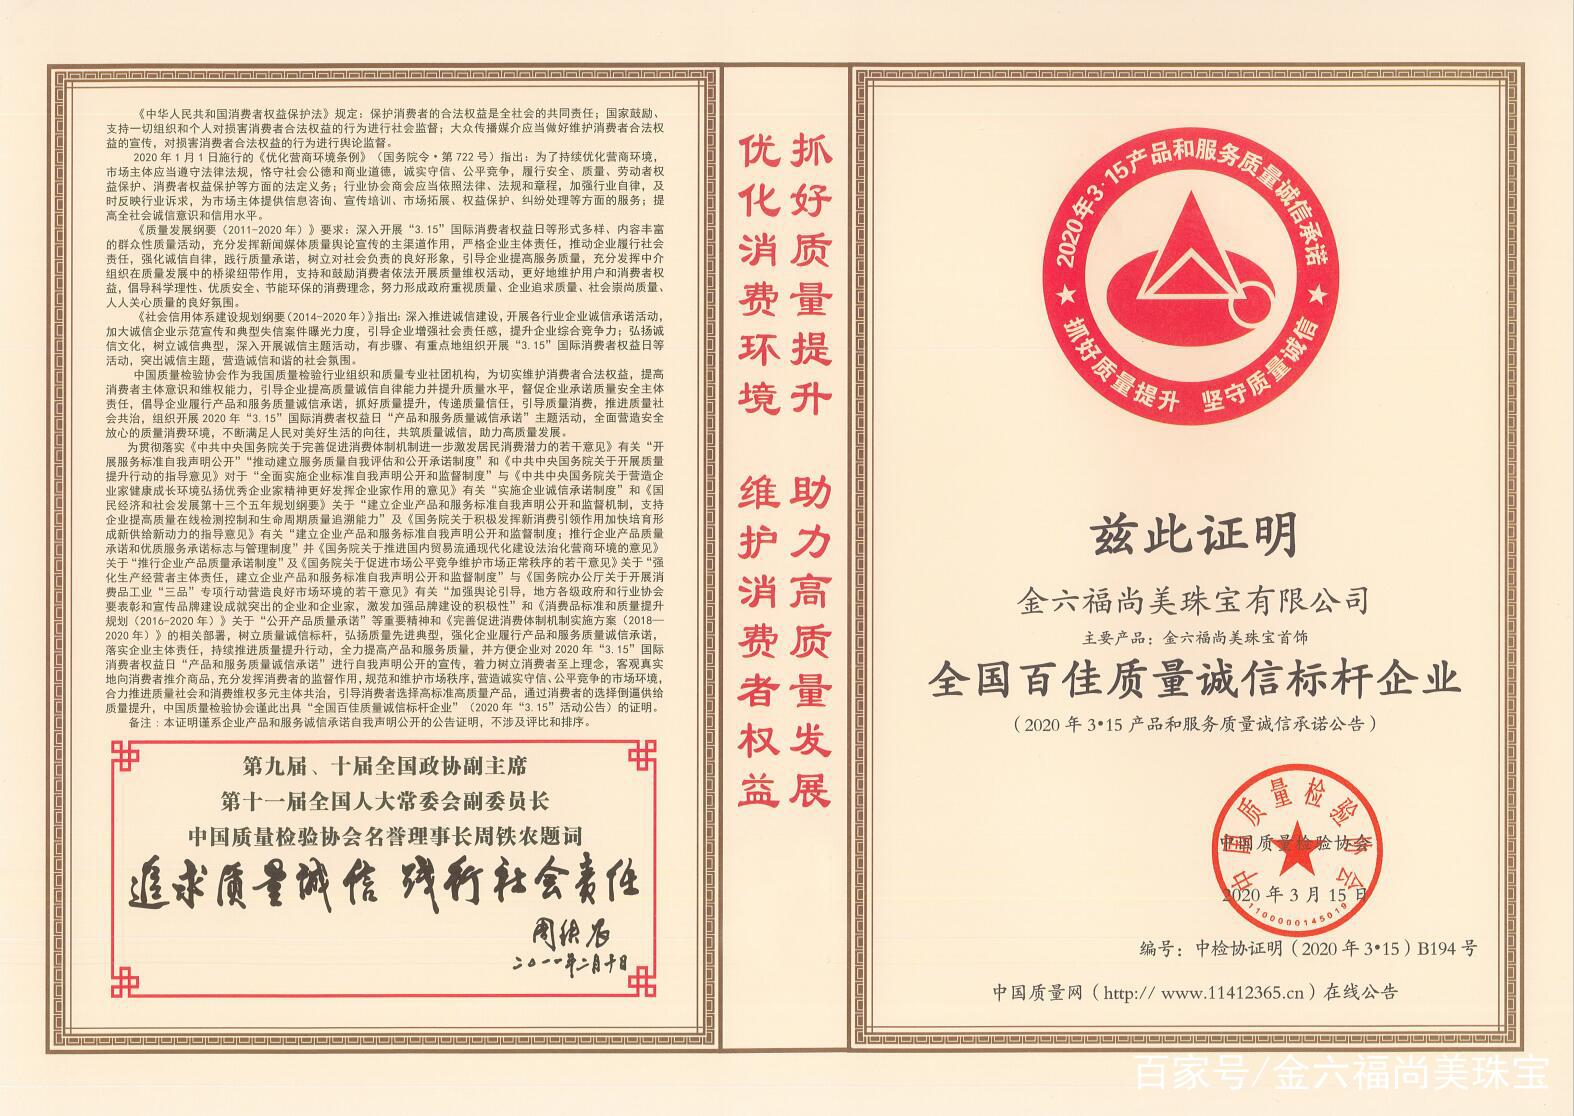 金六福珠宝荣誉证书